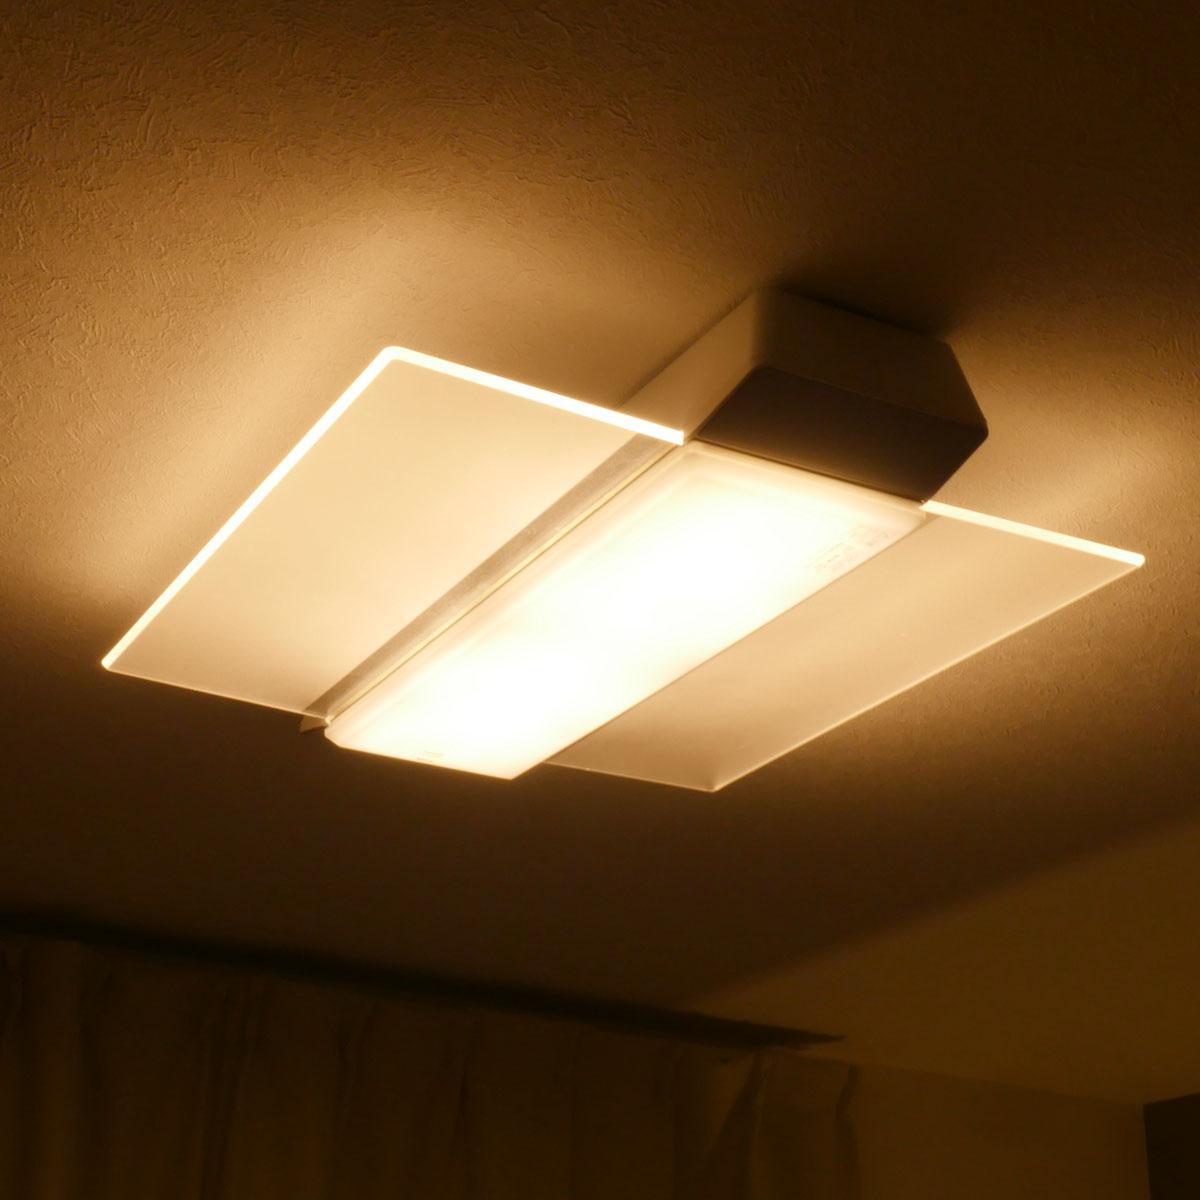 光と音のシャワーが心地いい! スピーカー搭載LEDシーリングライトで部屋を簡単模様替え